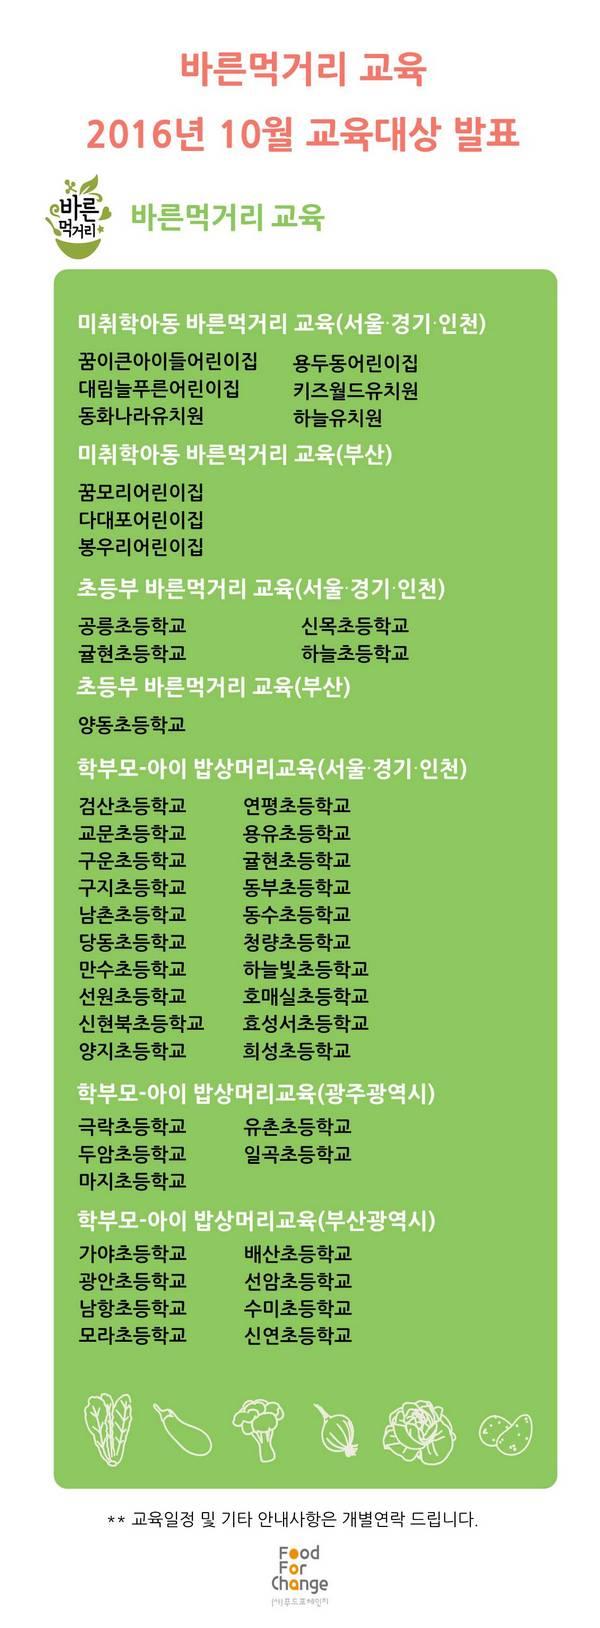 교육대상 발표(10월)_바른먹거리만_600.jpg